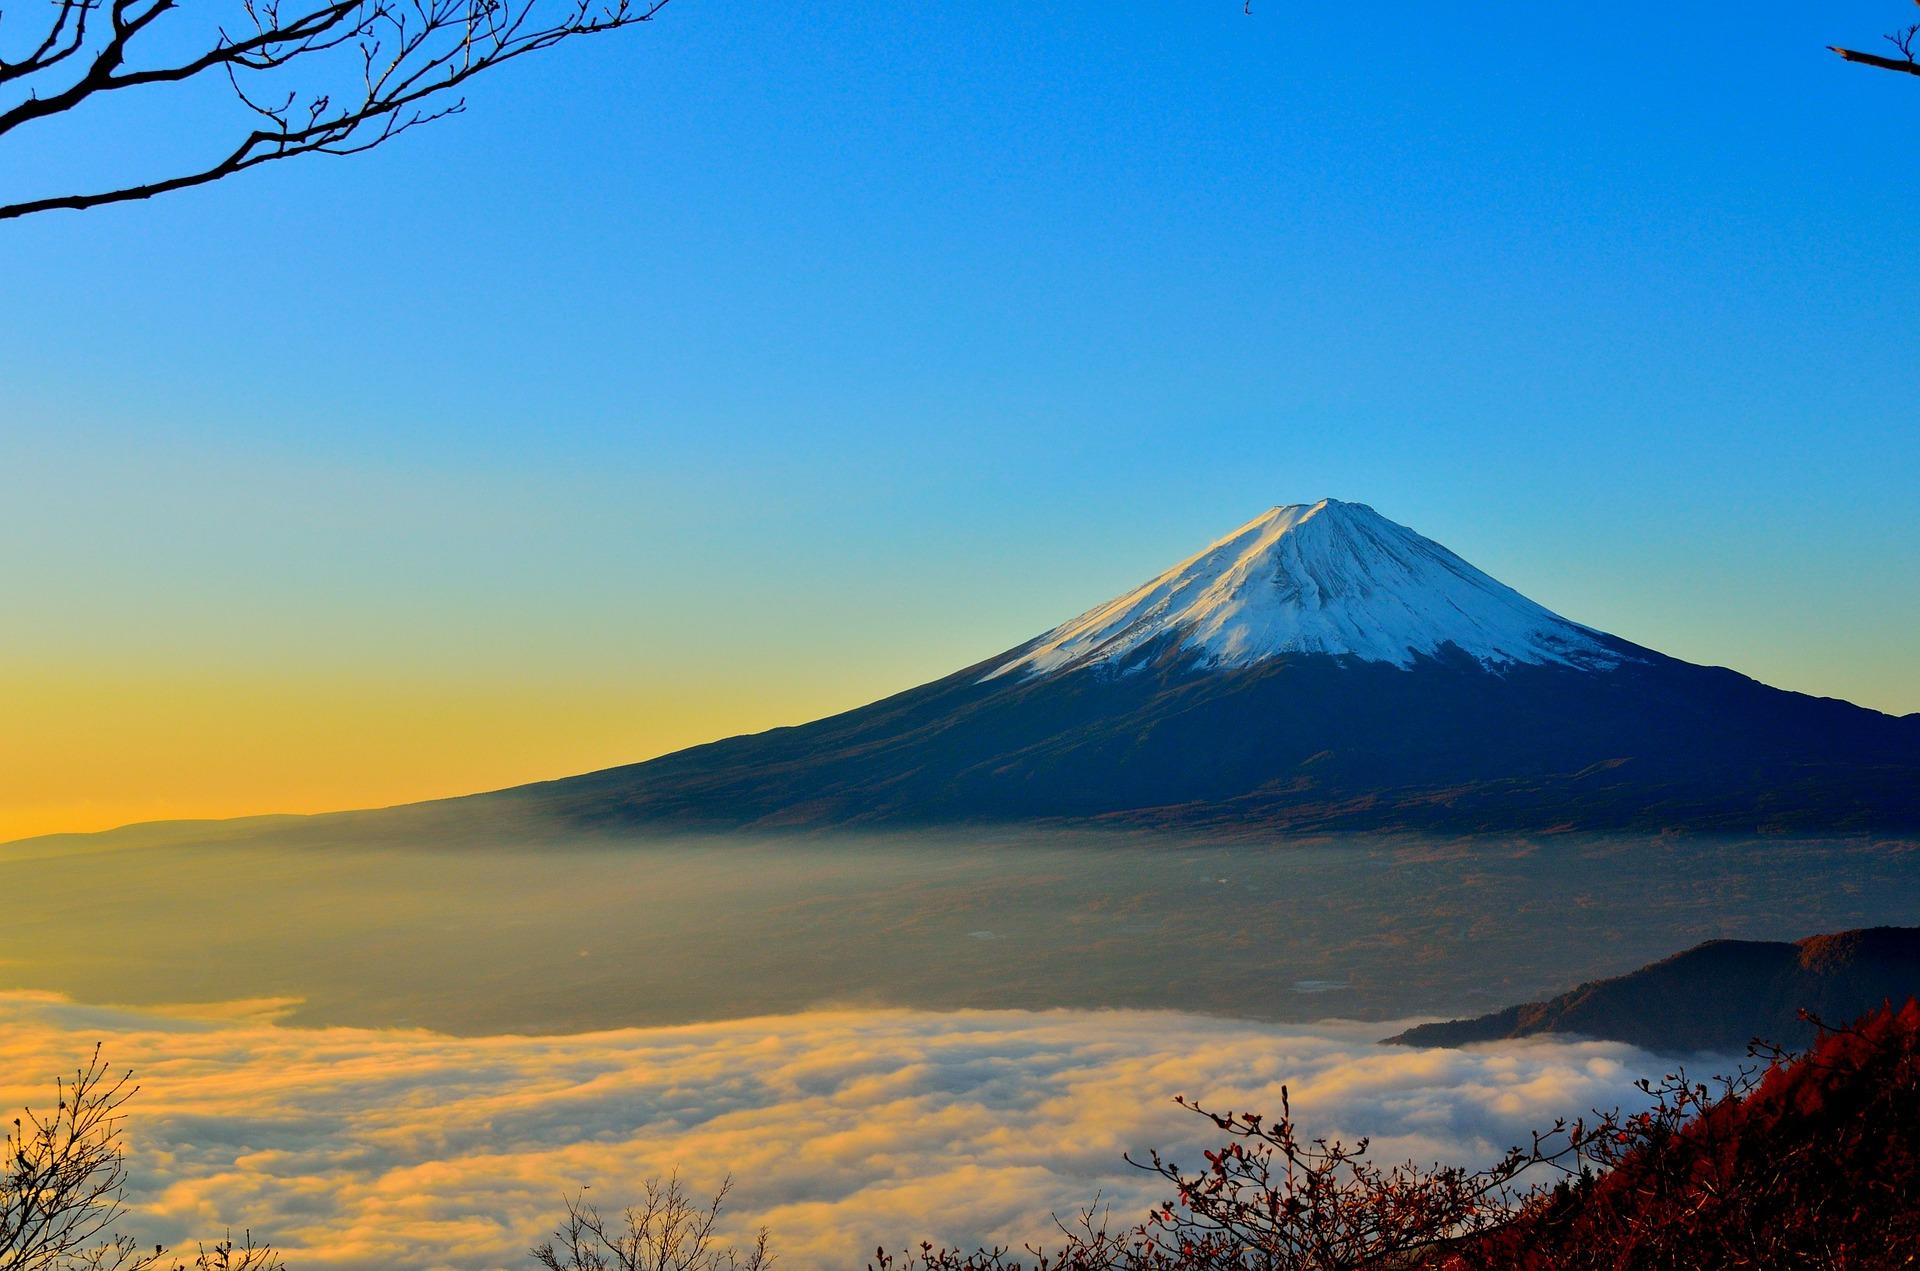 A beautiful Mt. Fuji sunrise in winter